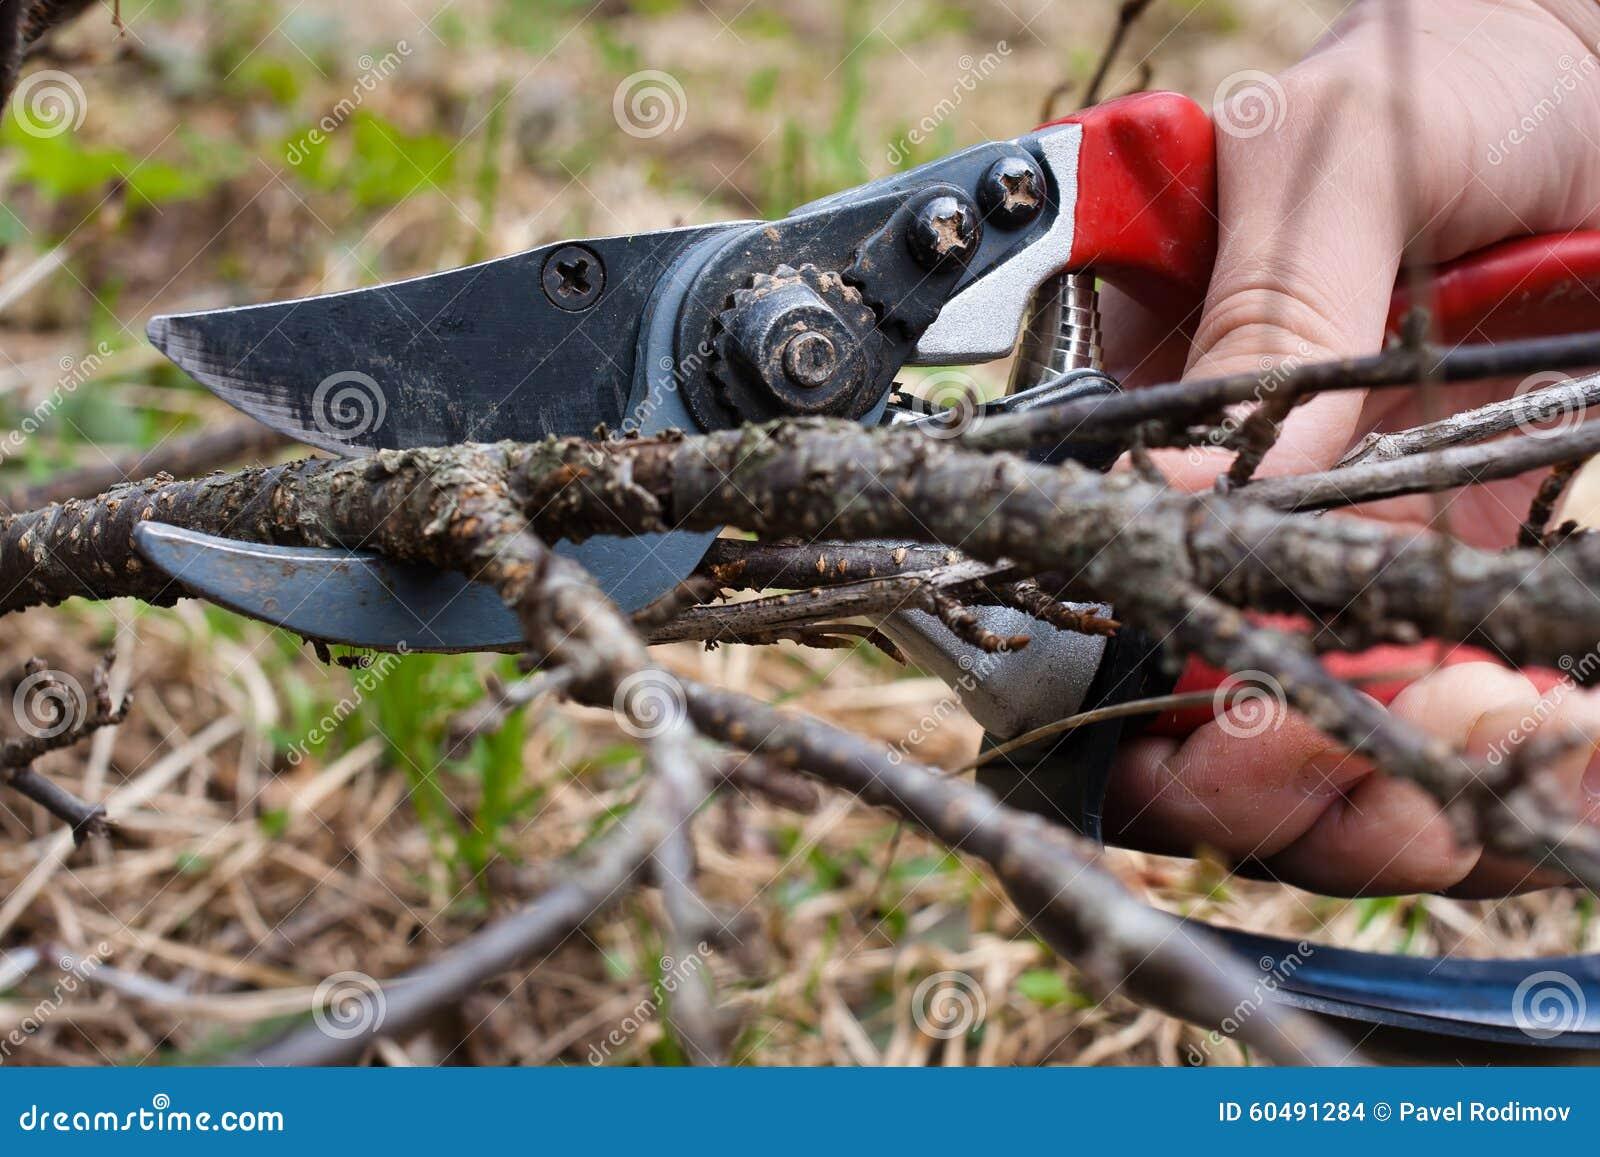 Corrente preta de poda pela tesoura de podar manual do jardim